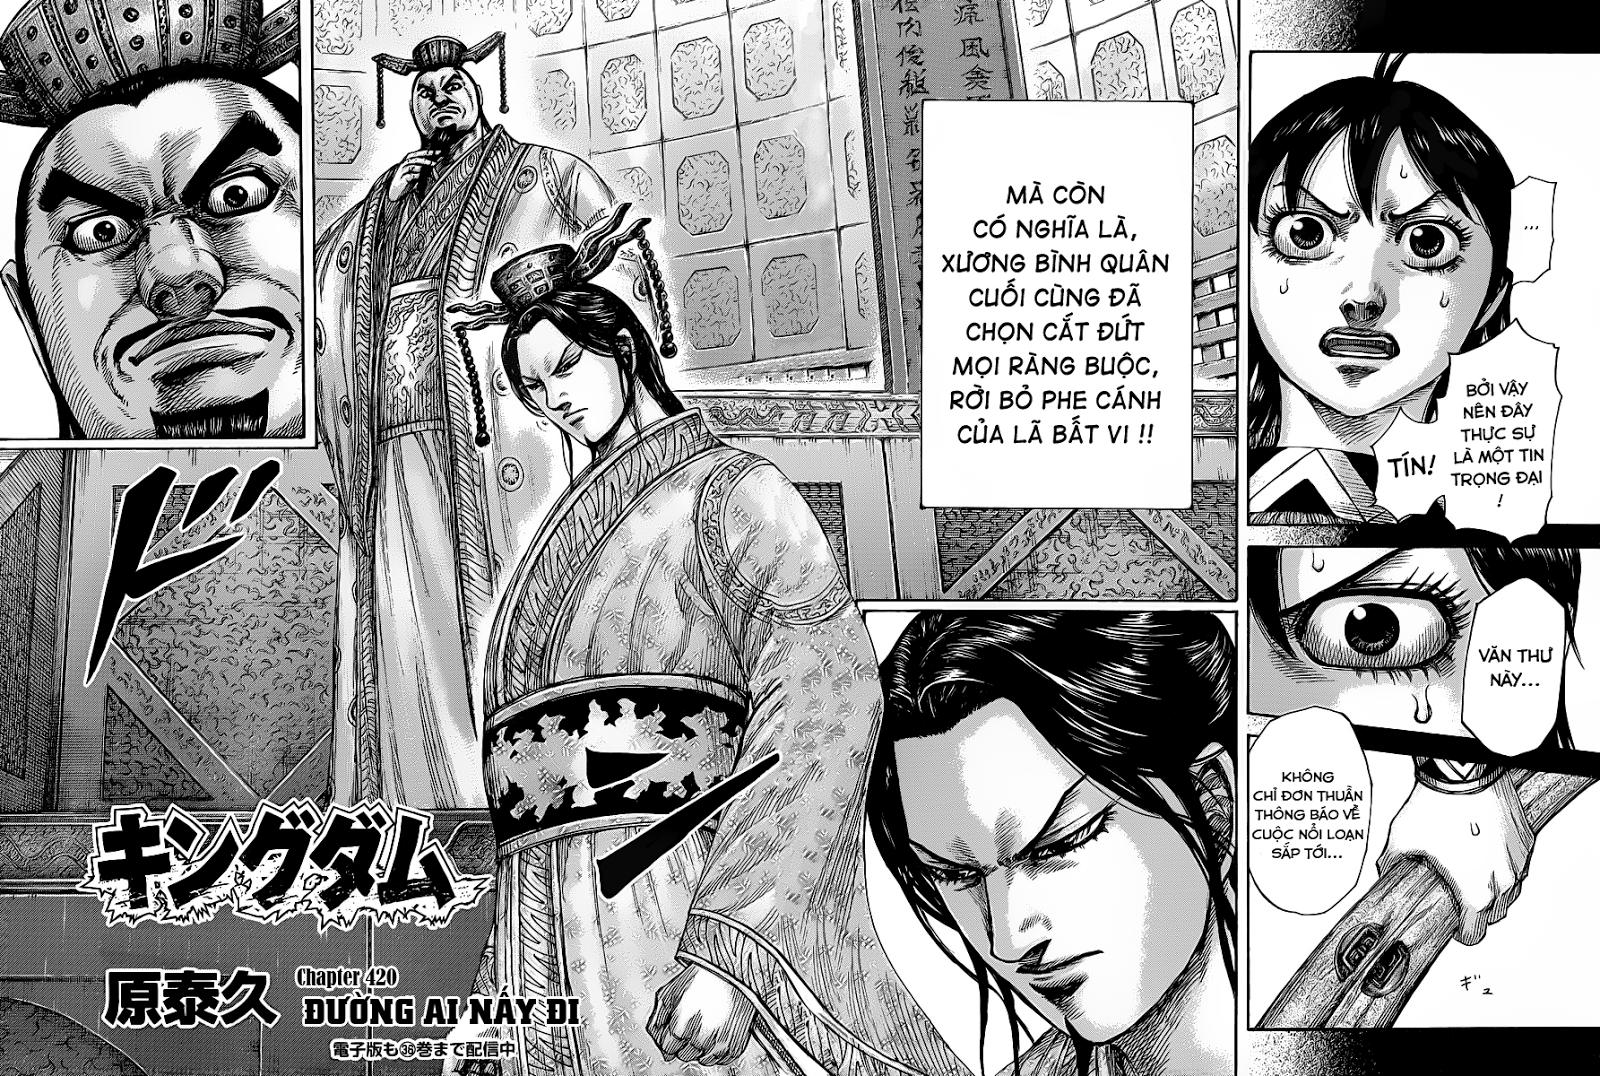 Kingdom - Vương Giả Thiên Hạ Chapter 420 - 422 page 5 - IZTruyenTranh.com